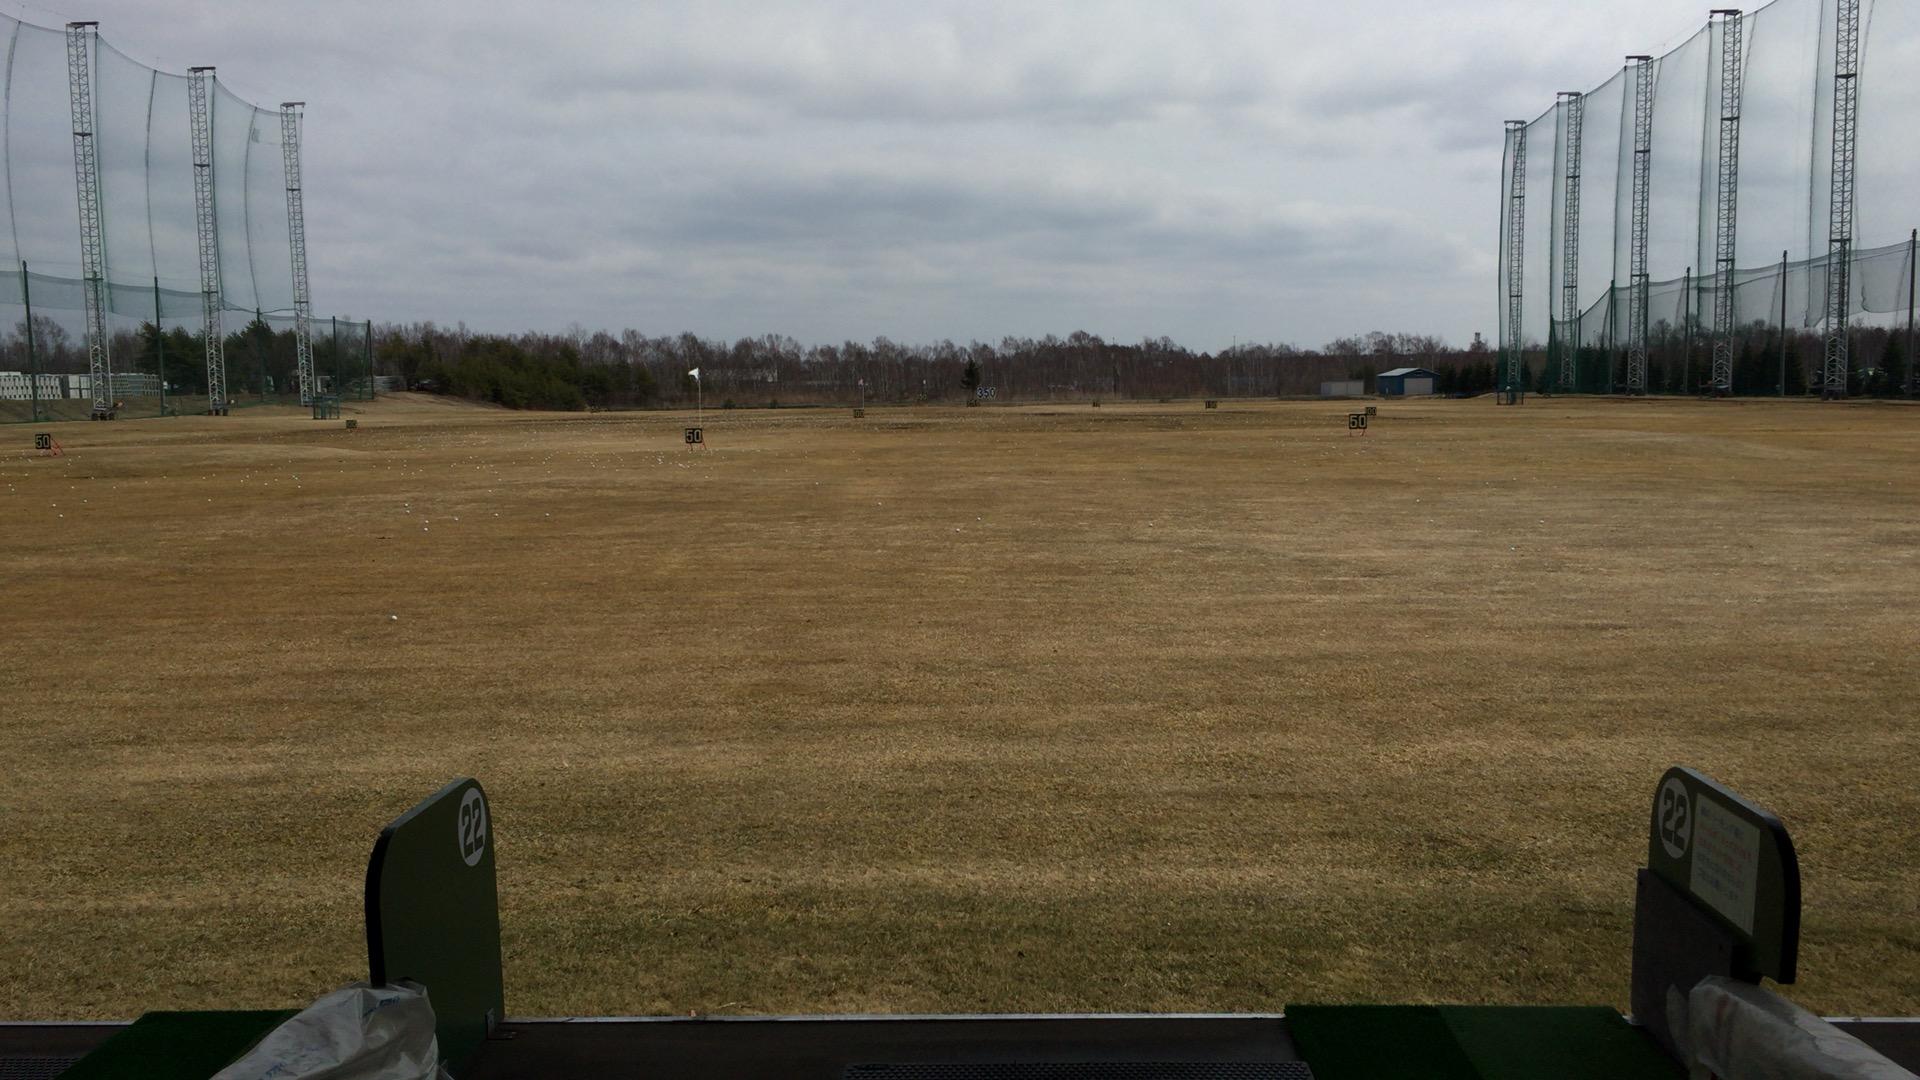 千歳付近でのラウンド前練習に最適、フジゴルフセンター